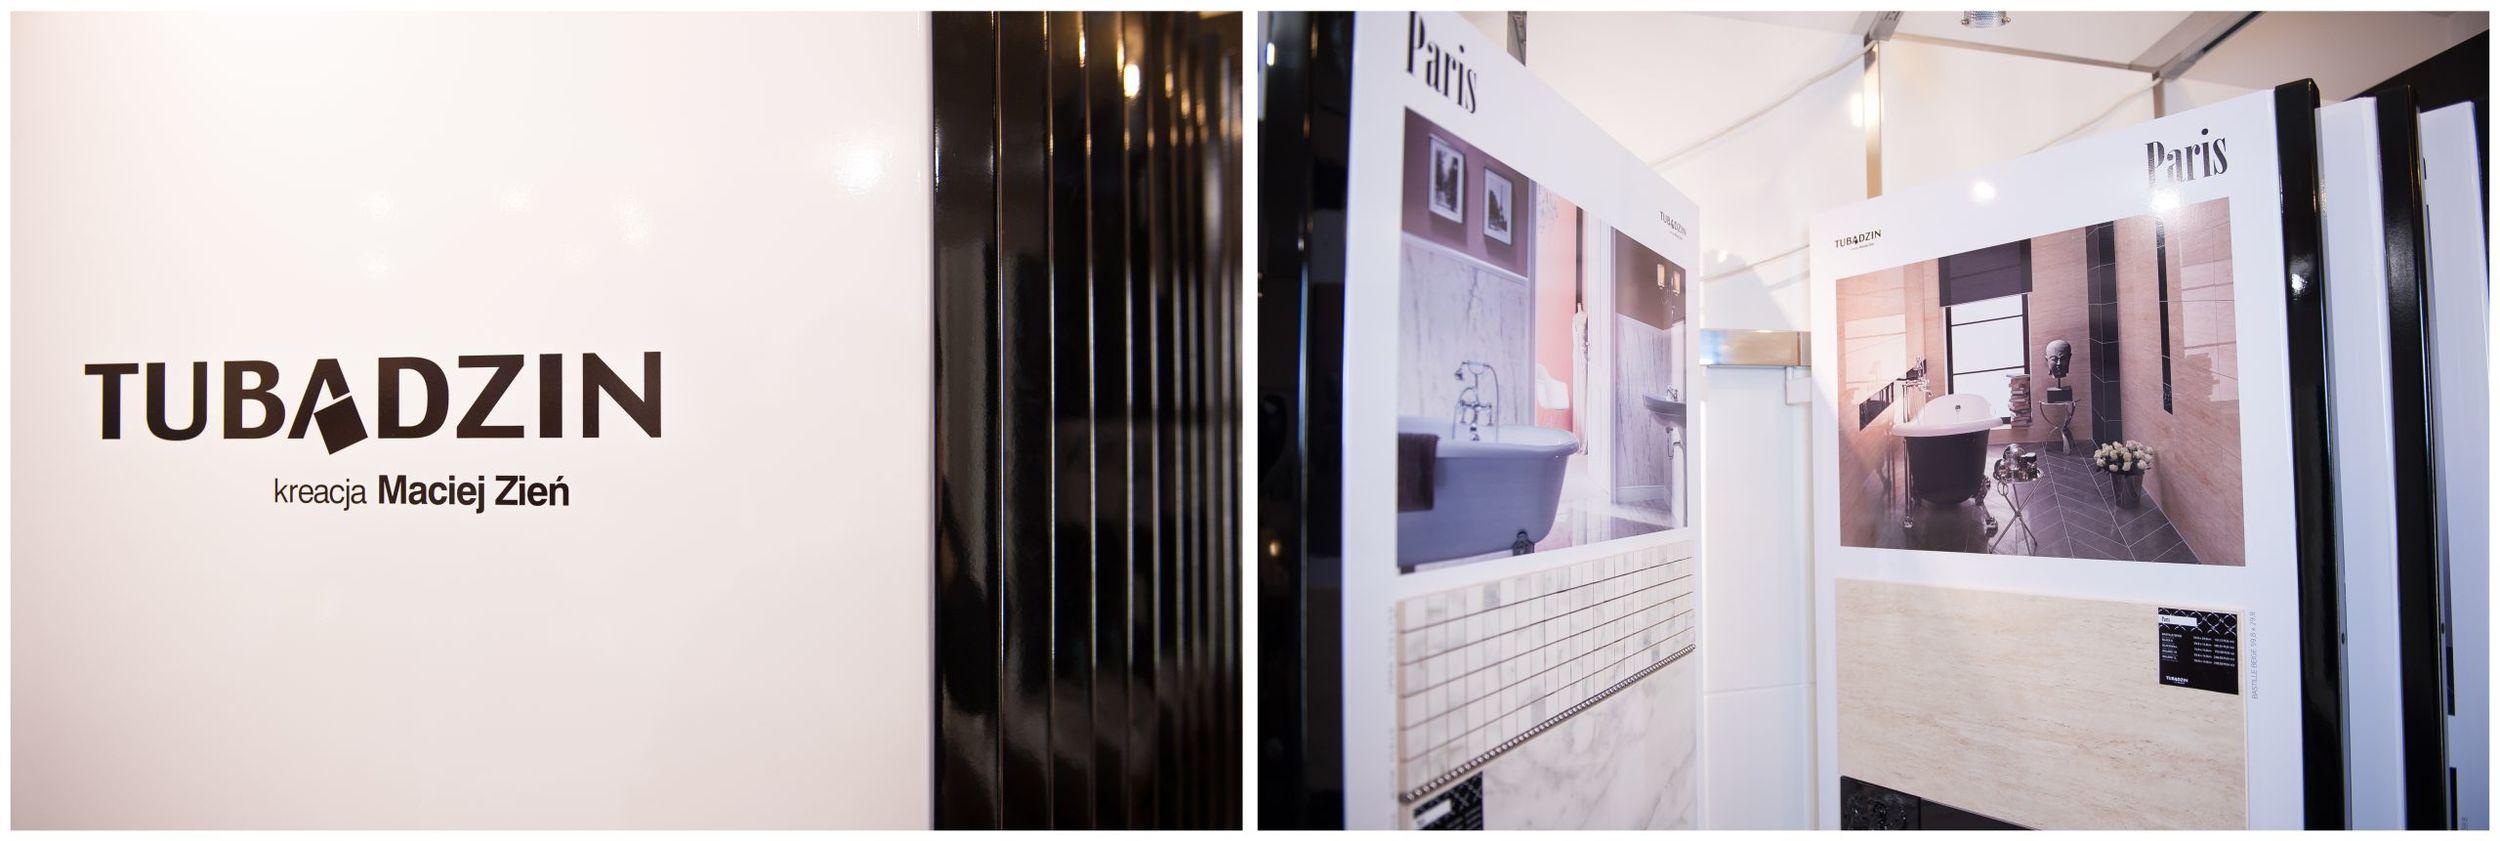 Salon wyposażenia łazienek Kamgres | Tubądzin kreacja Maciej Zień